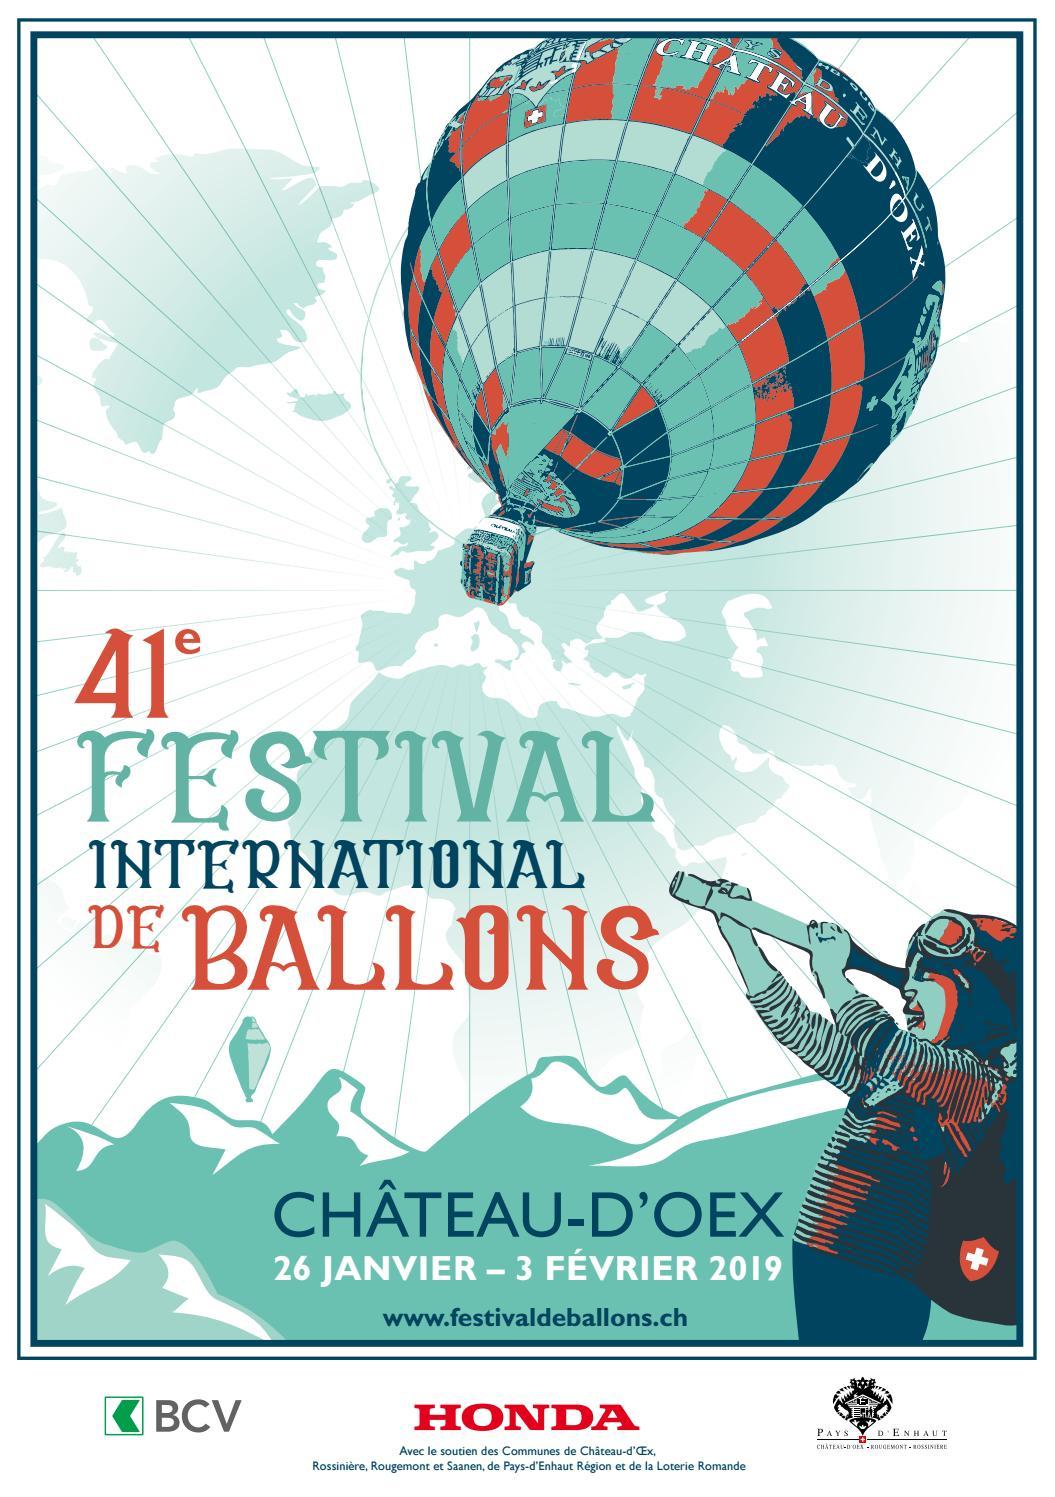 Programme Festival de Ballons 2019 by Région du Léman, Lake Geneva Region,  Genferseegebiet - issuu e2eff677c77d